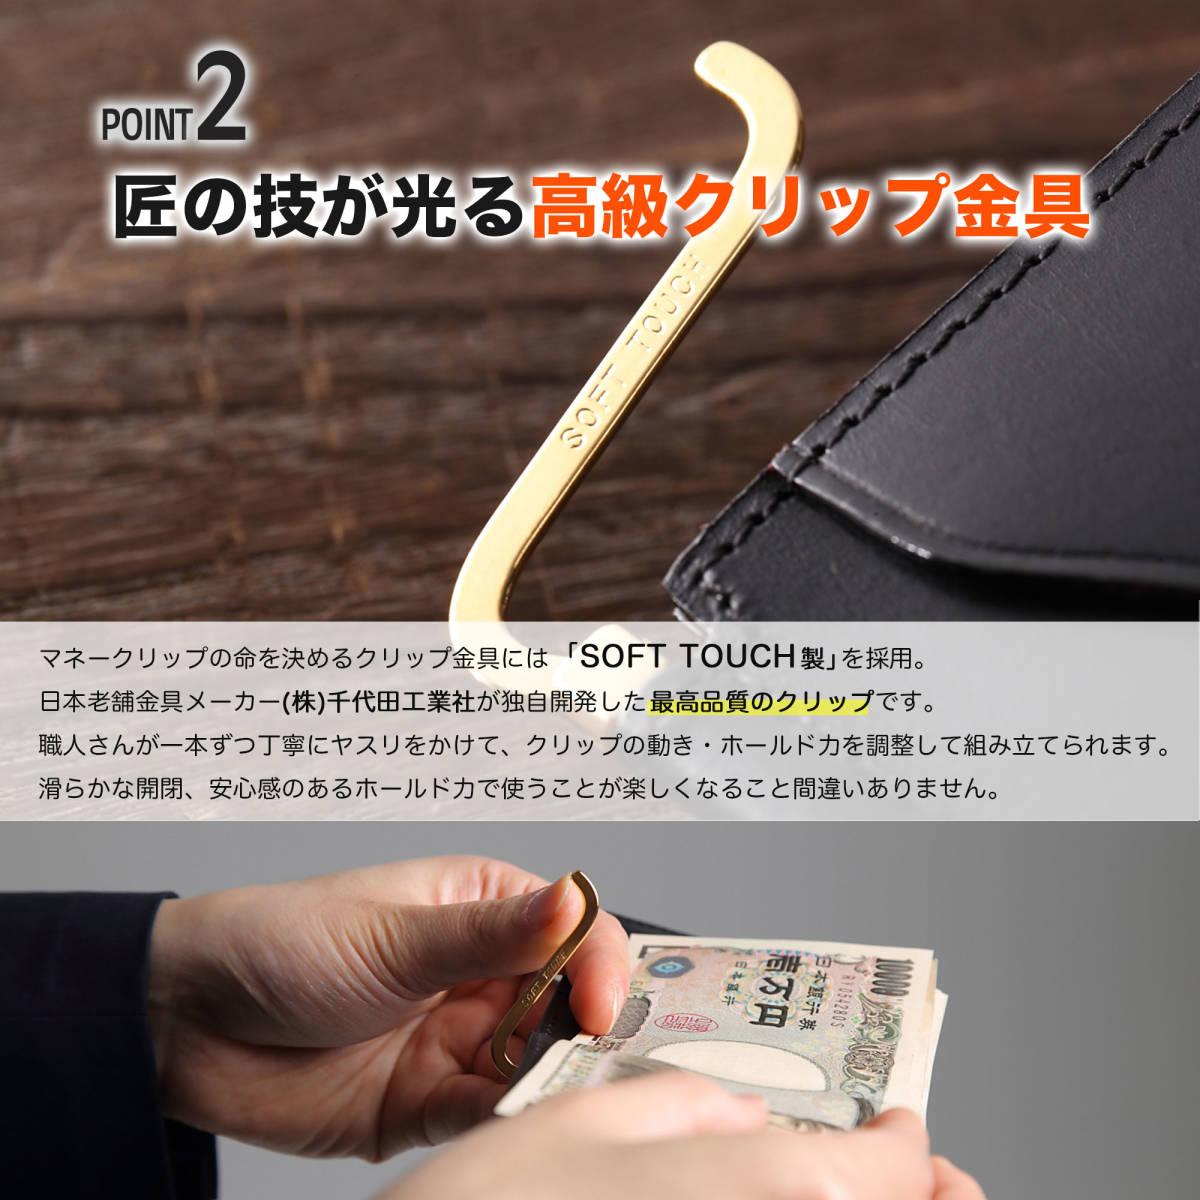 【新品未使用/アウトレットセール!】送料無料 Kohdou マネークリップ 革の王様 ブッテーロレザー 薄い 薄型 日本製クリップ イエロー WY_画像5